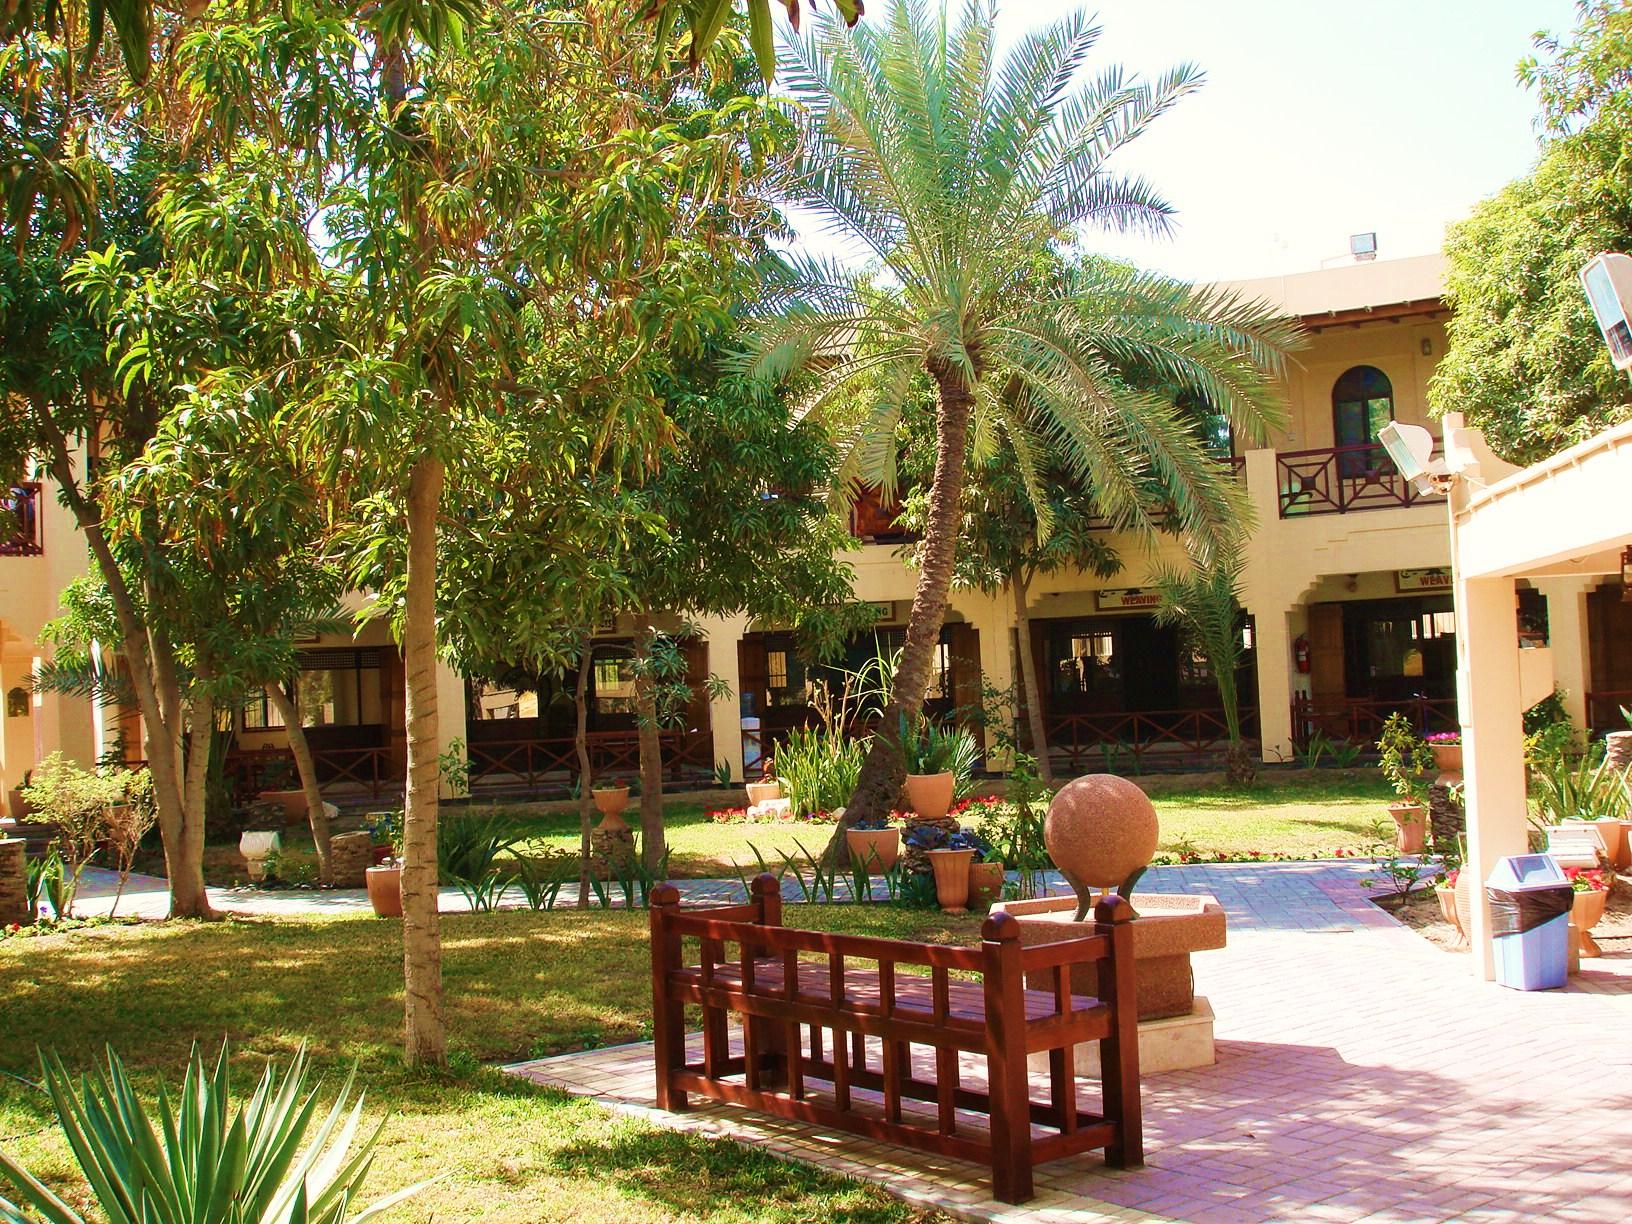 Al Jasra Handicraft Centre